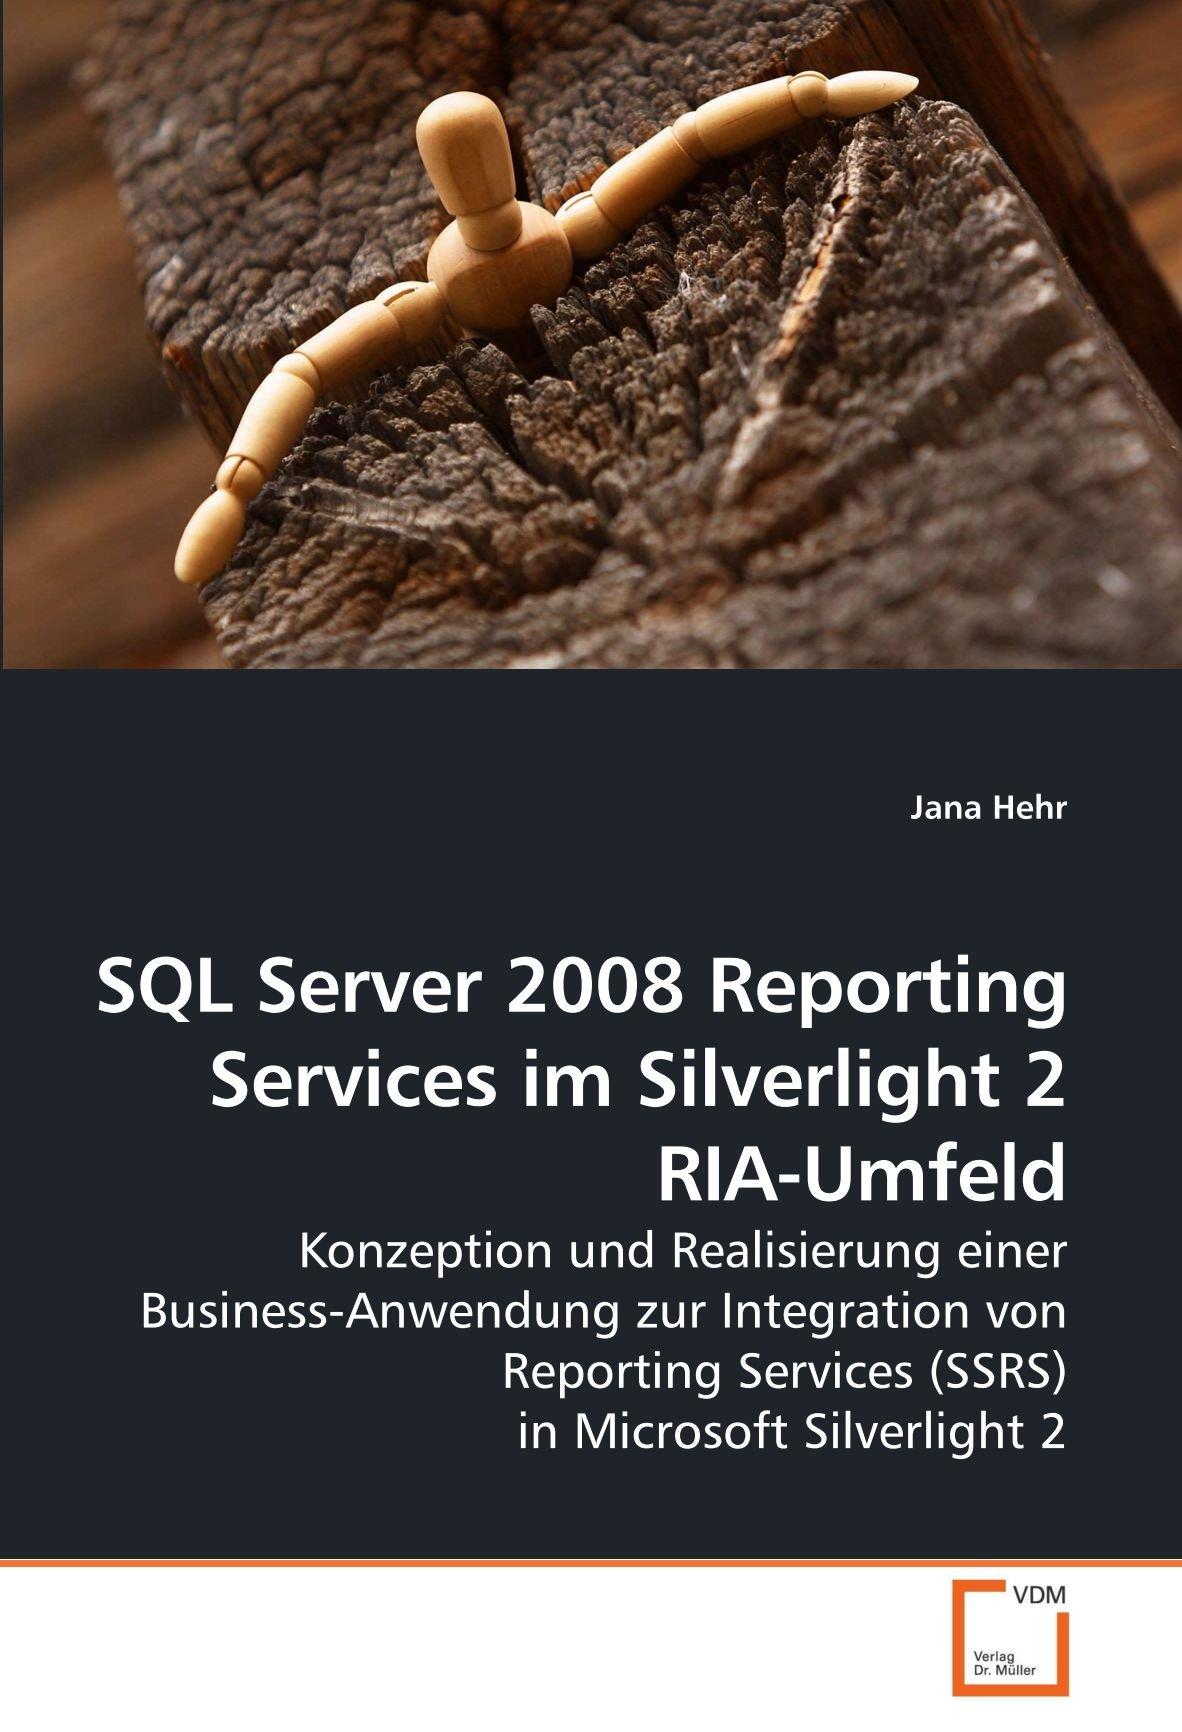 Read Online SQL Server 2008 Reporting Services im Silverlight 2 RIA-Umfeld: Konzeption und Realisierung einer Business-Anwendung zur Integration von Reporting ... in Microsoft Silverlight 2 (German Edition) pdf epub